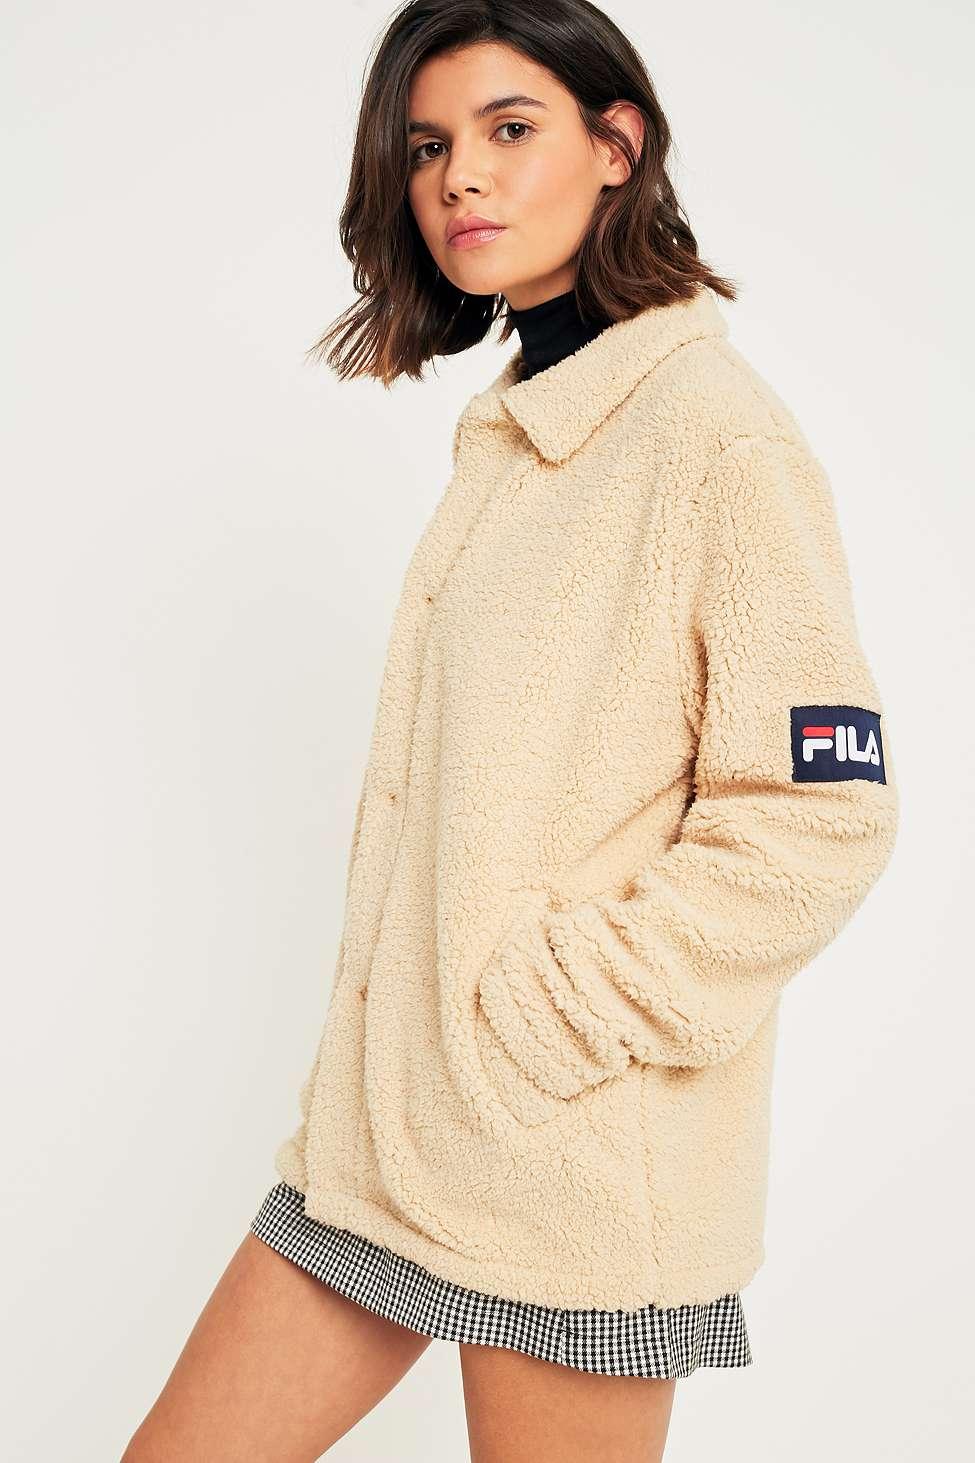 FILA Cream Button-Down Teddy Coat, Cream